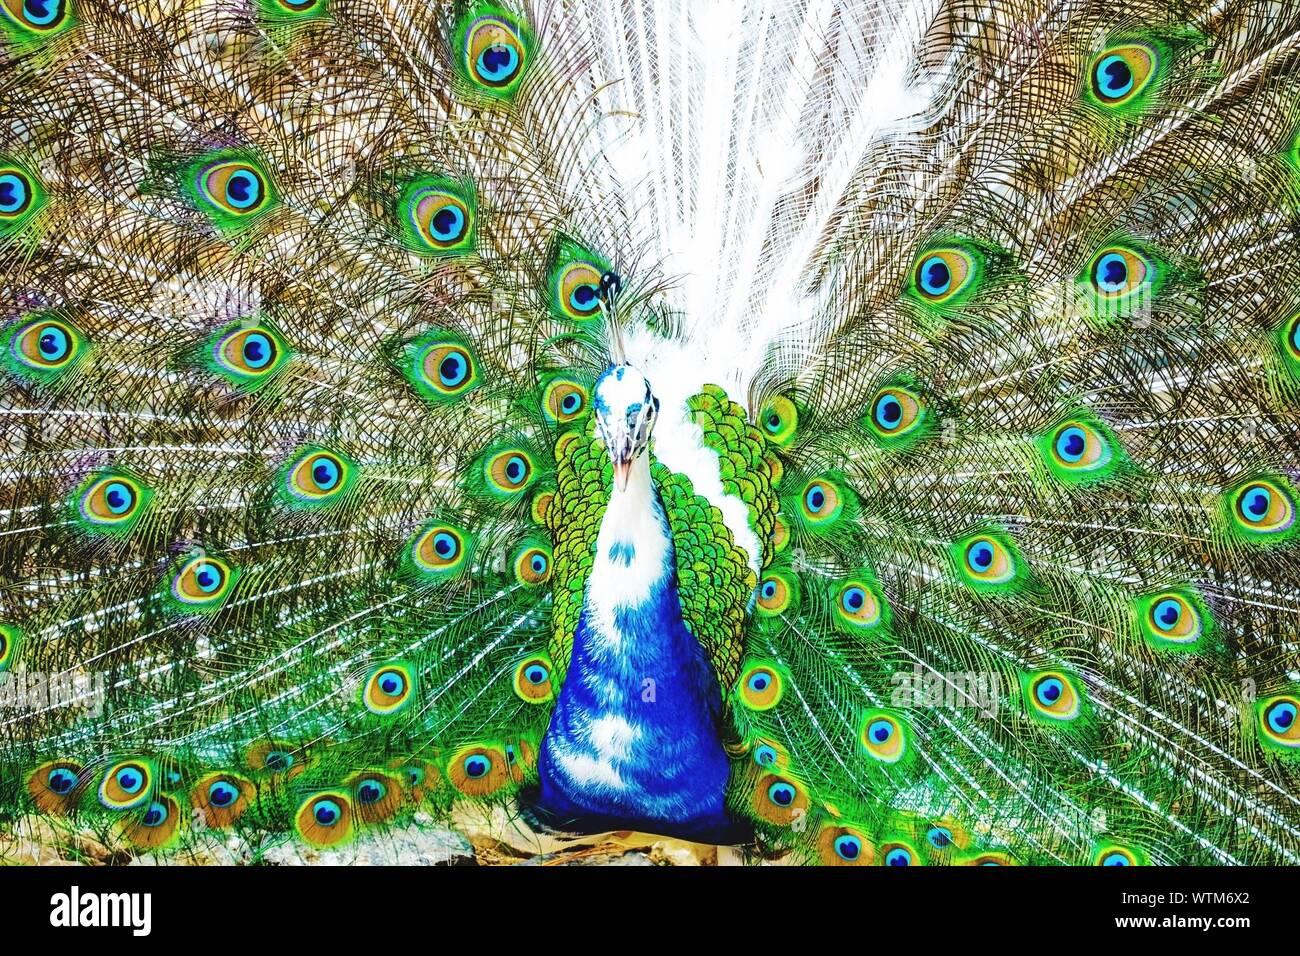 Majestic Peacock Tanzen mit Federn schwärmten aus, Stockfoto